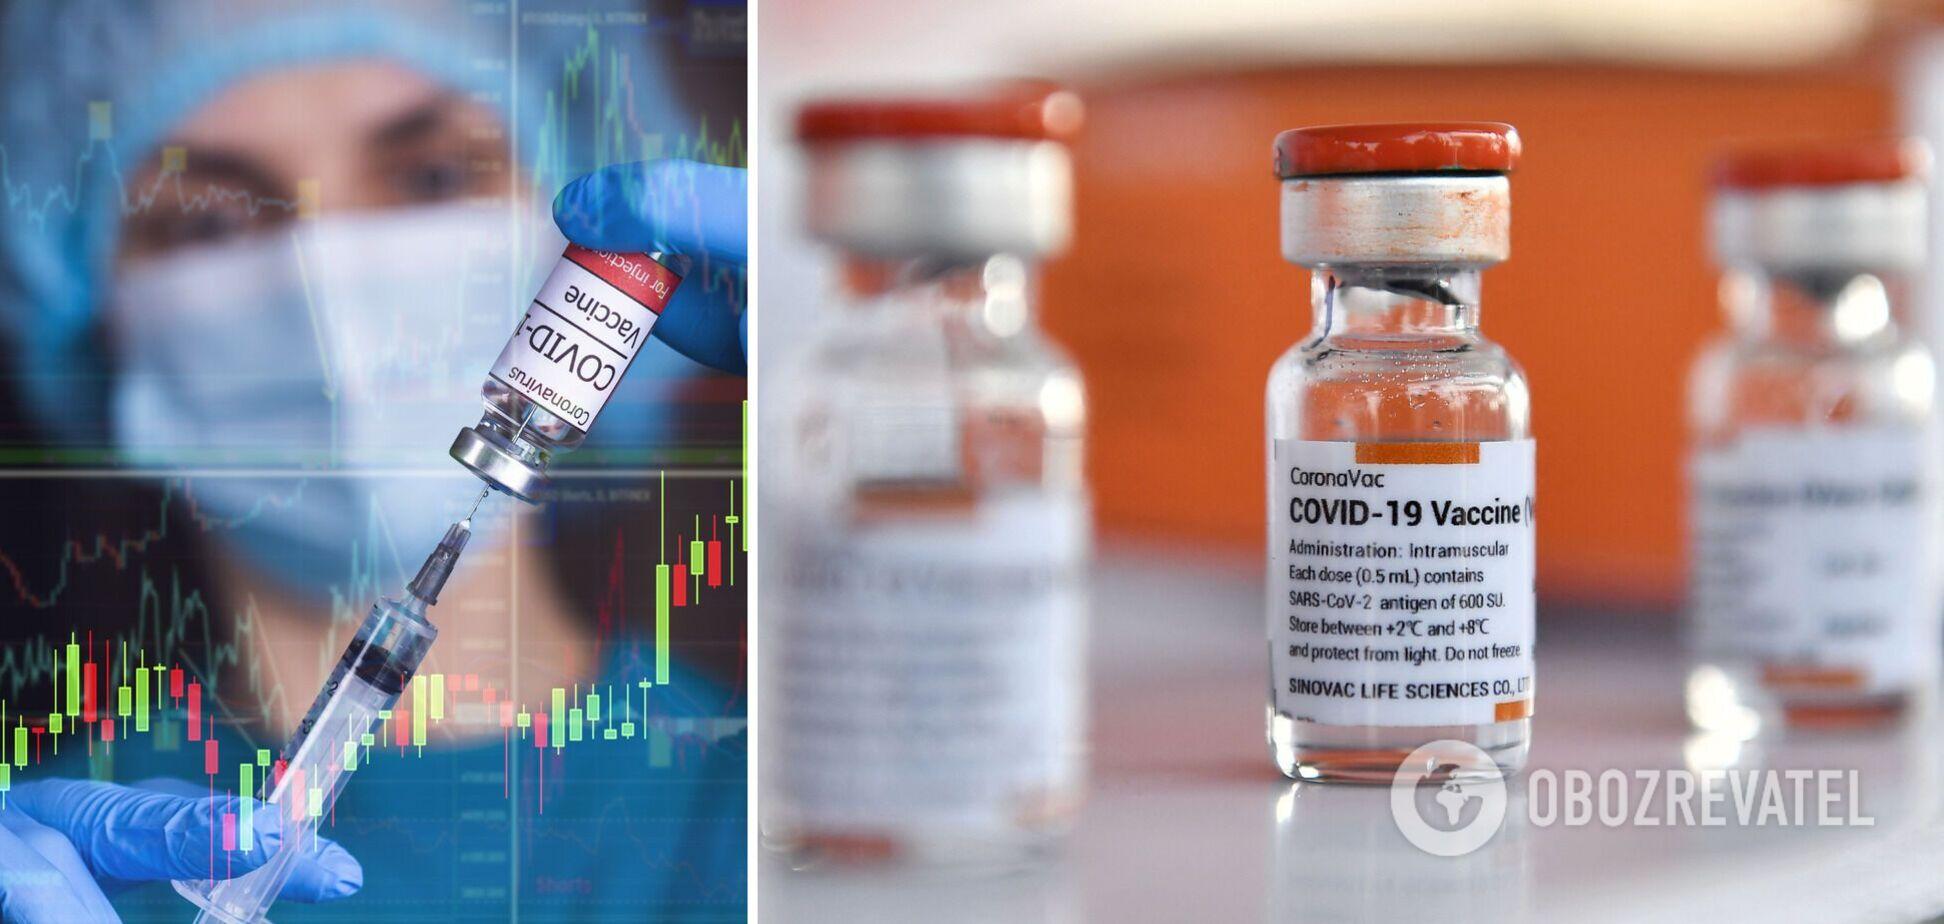 Вероятность заражения COVID-19 после прививки: врач дала объяснения и советы